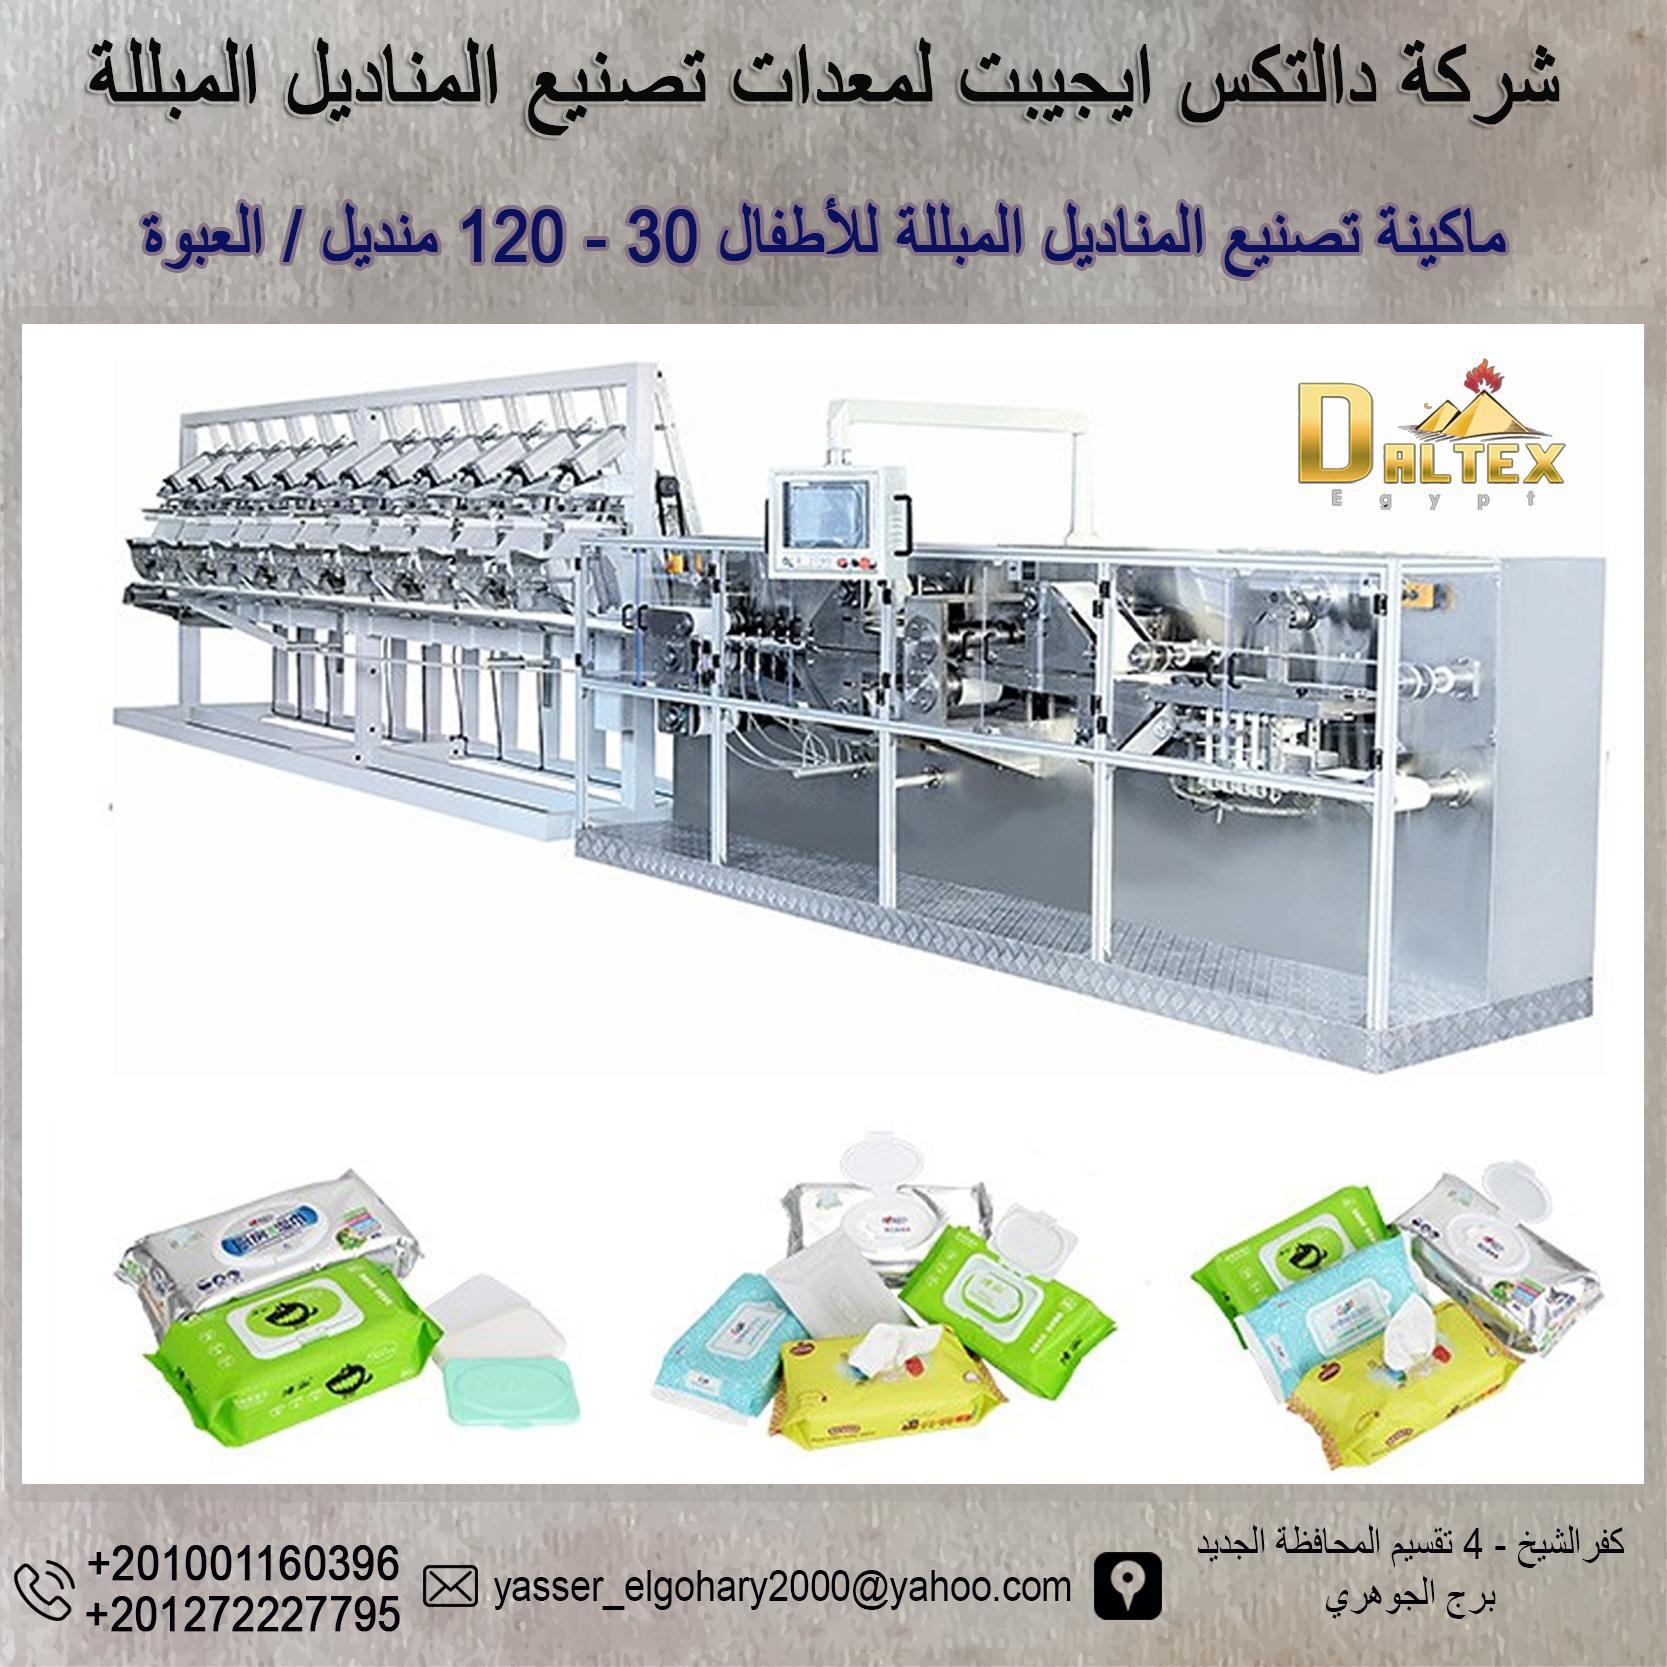 ماكينة تصنيع المناديل المبلله 30-120